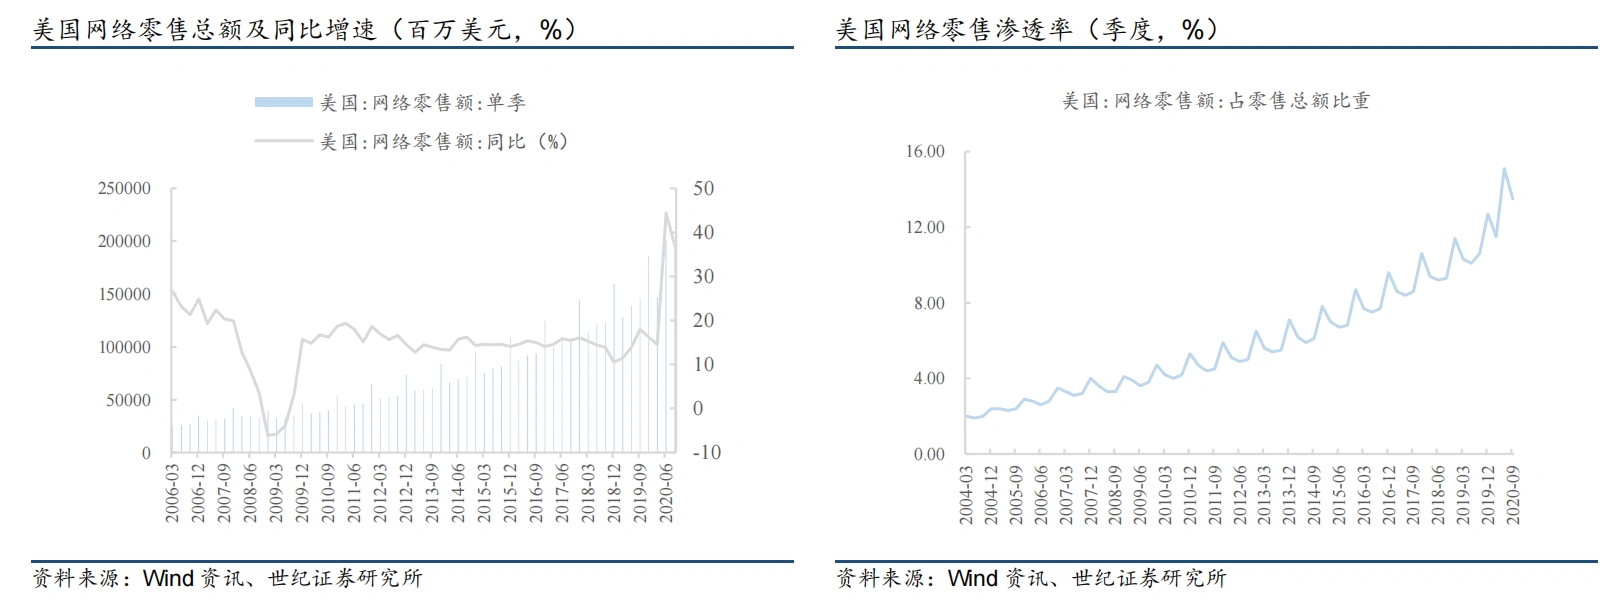 机遇叠加,中国卖家正用成熟经验占领海外电商市场